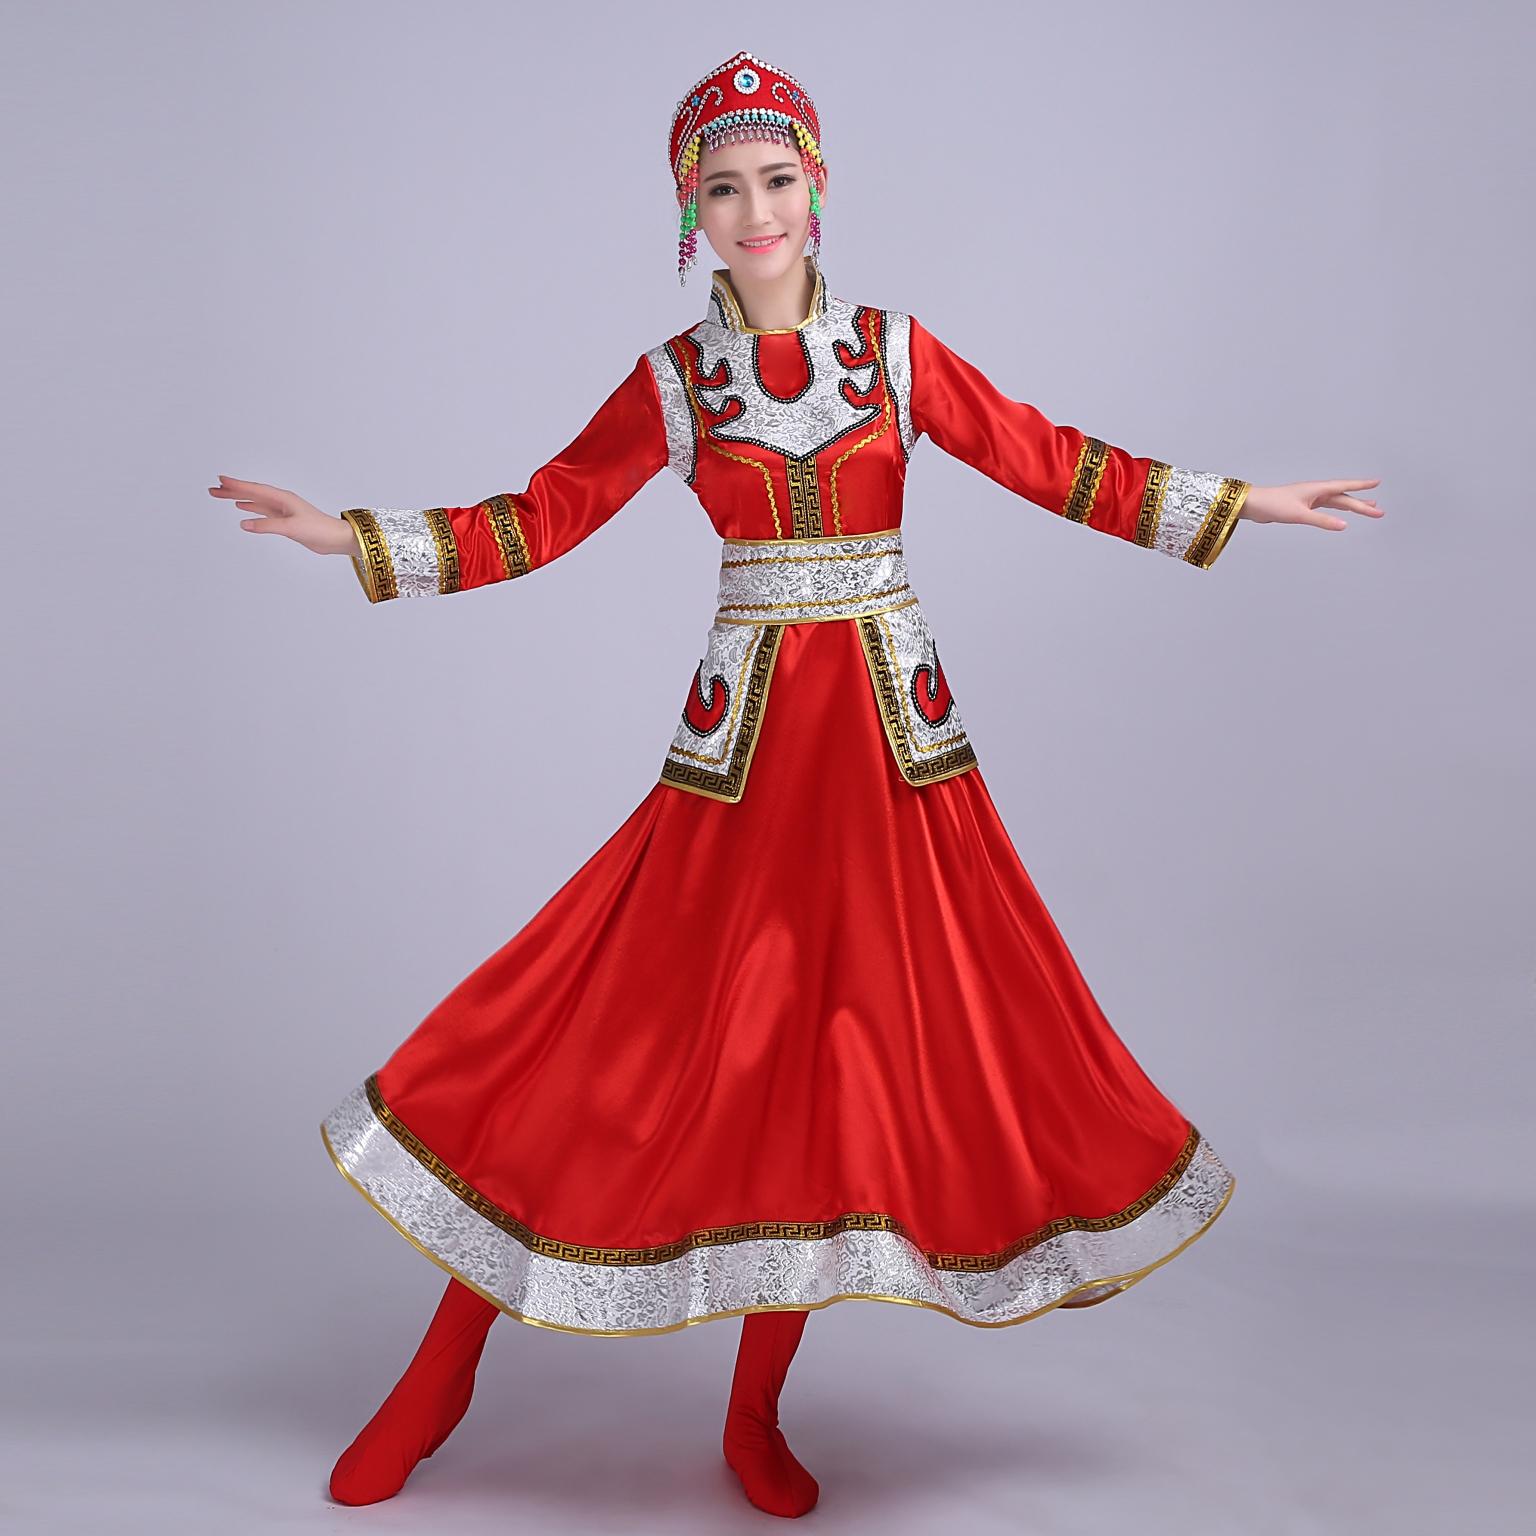 Национальный  костюм Новые монгольские костюмы танцевальные костюмы женская этническая костюм кадриль костюм длинная юбка платье